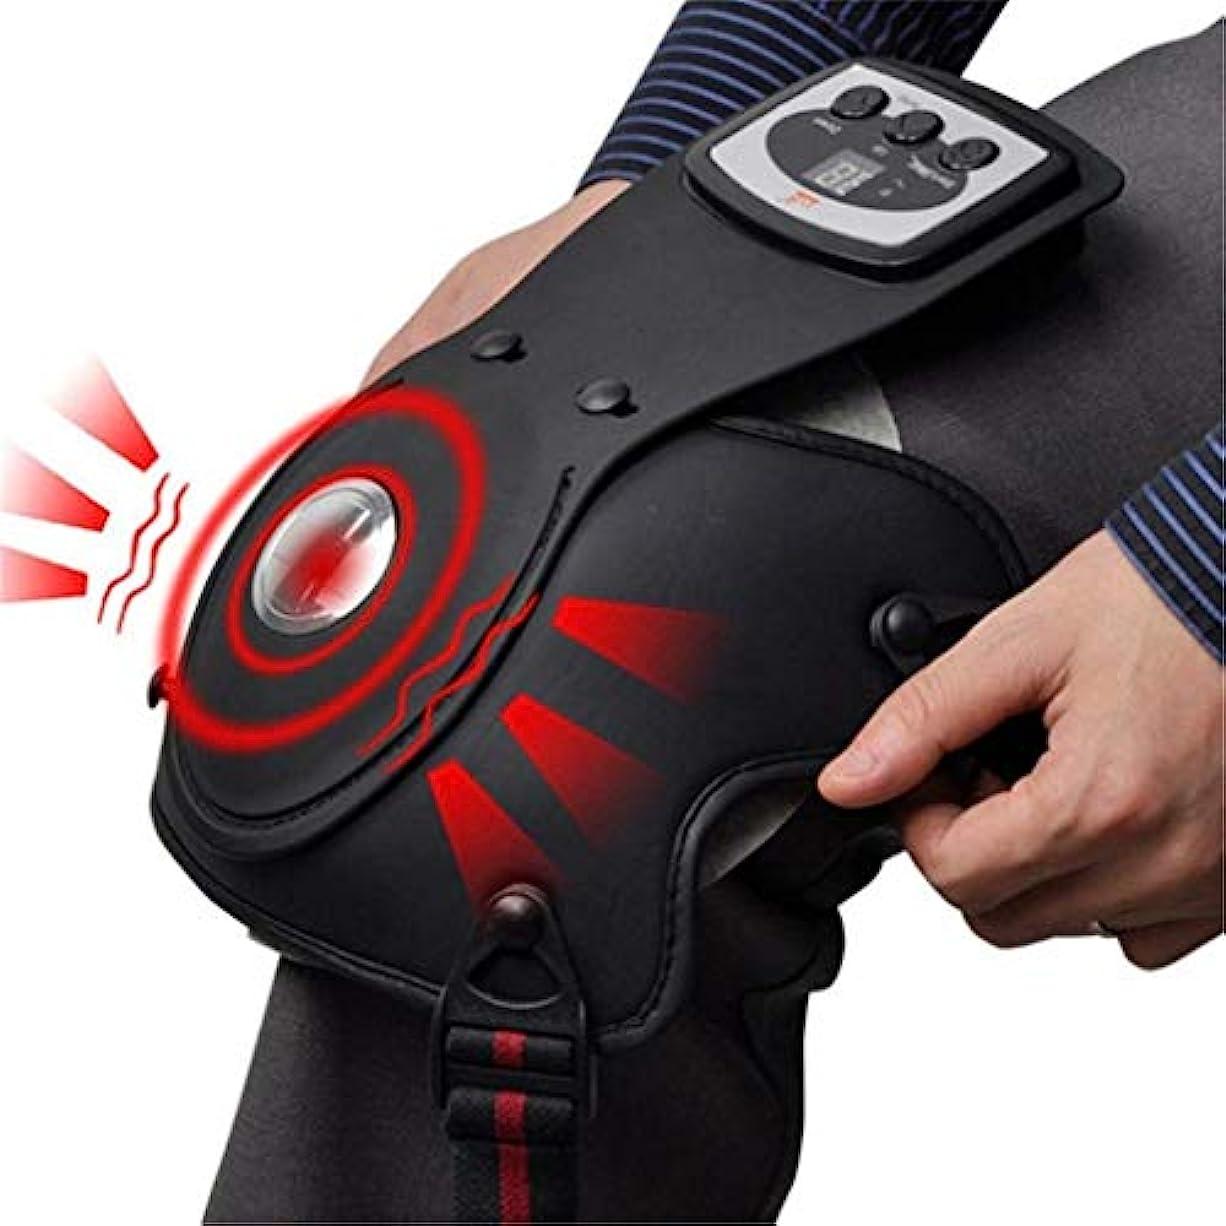 後者レパートリーフルーティーフットケア機器、膝磁気療法/振動/加熱マッサージ理学療法、電気マッサージ器、痛みを緩和するリハビリ機器